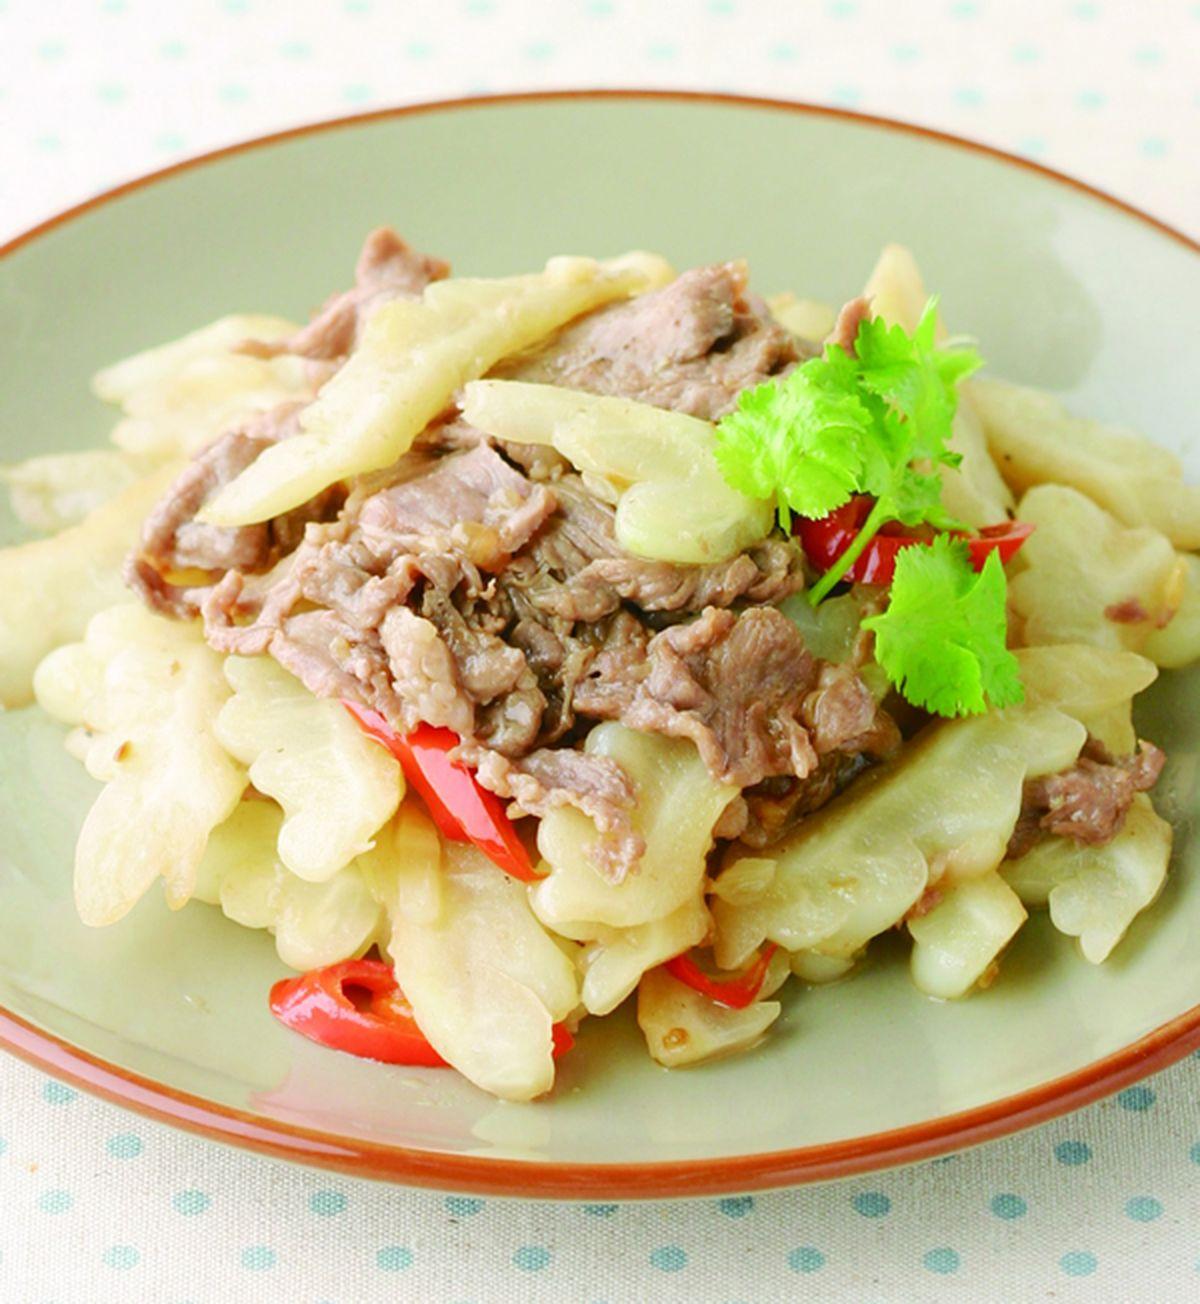 食譜:苦瓜羊肉片